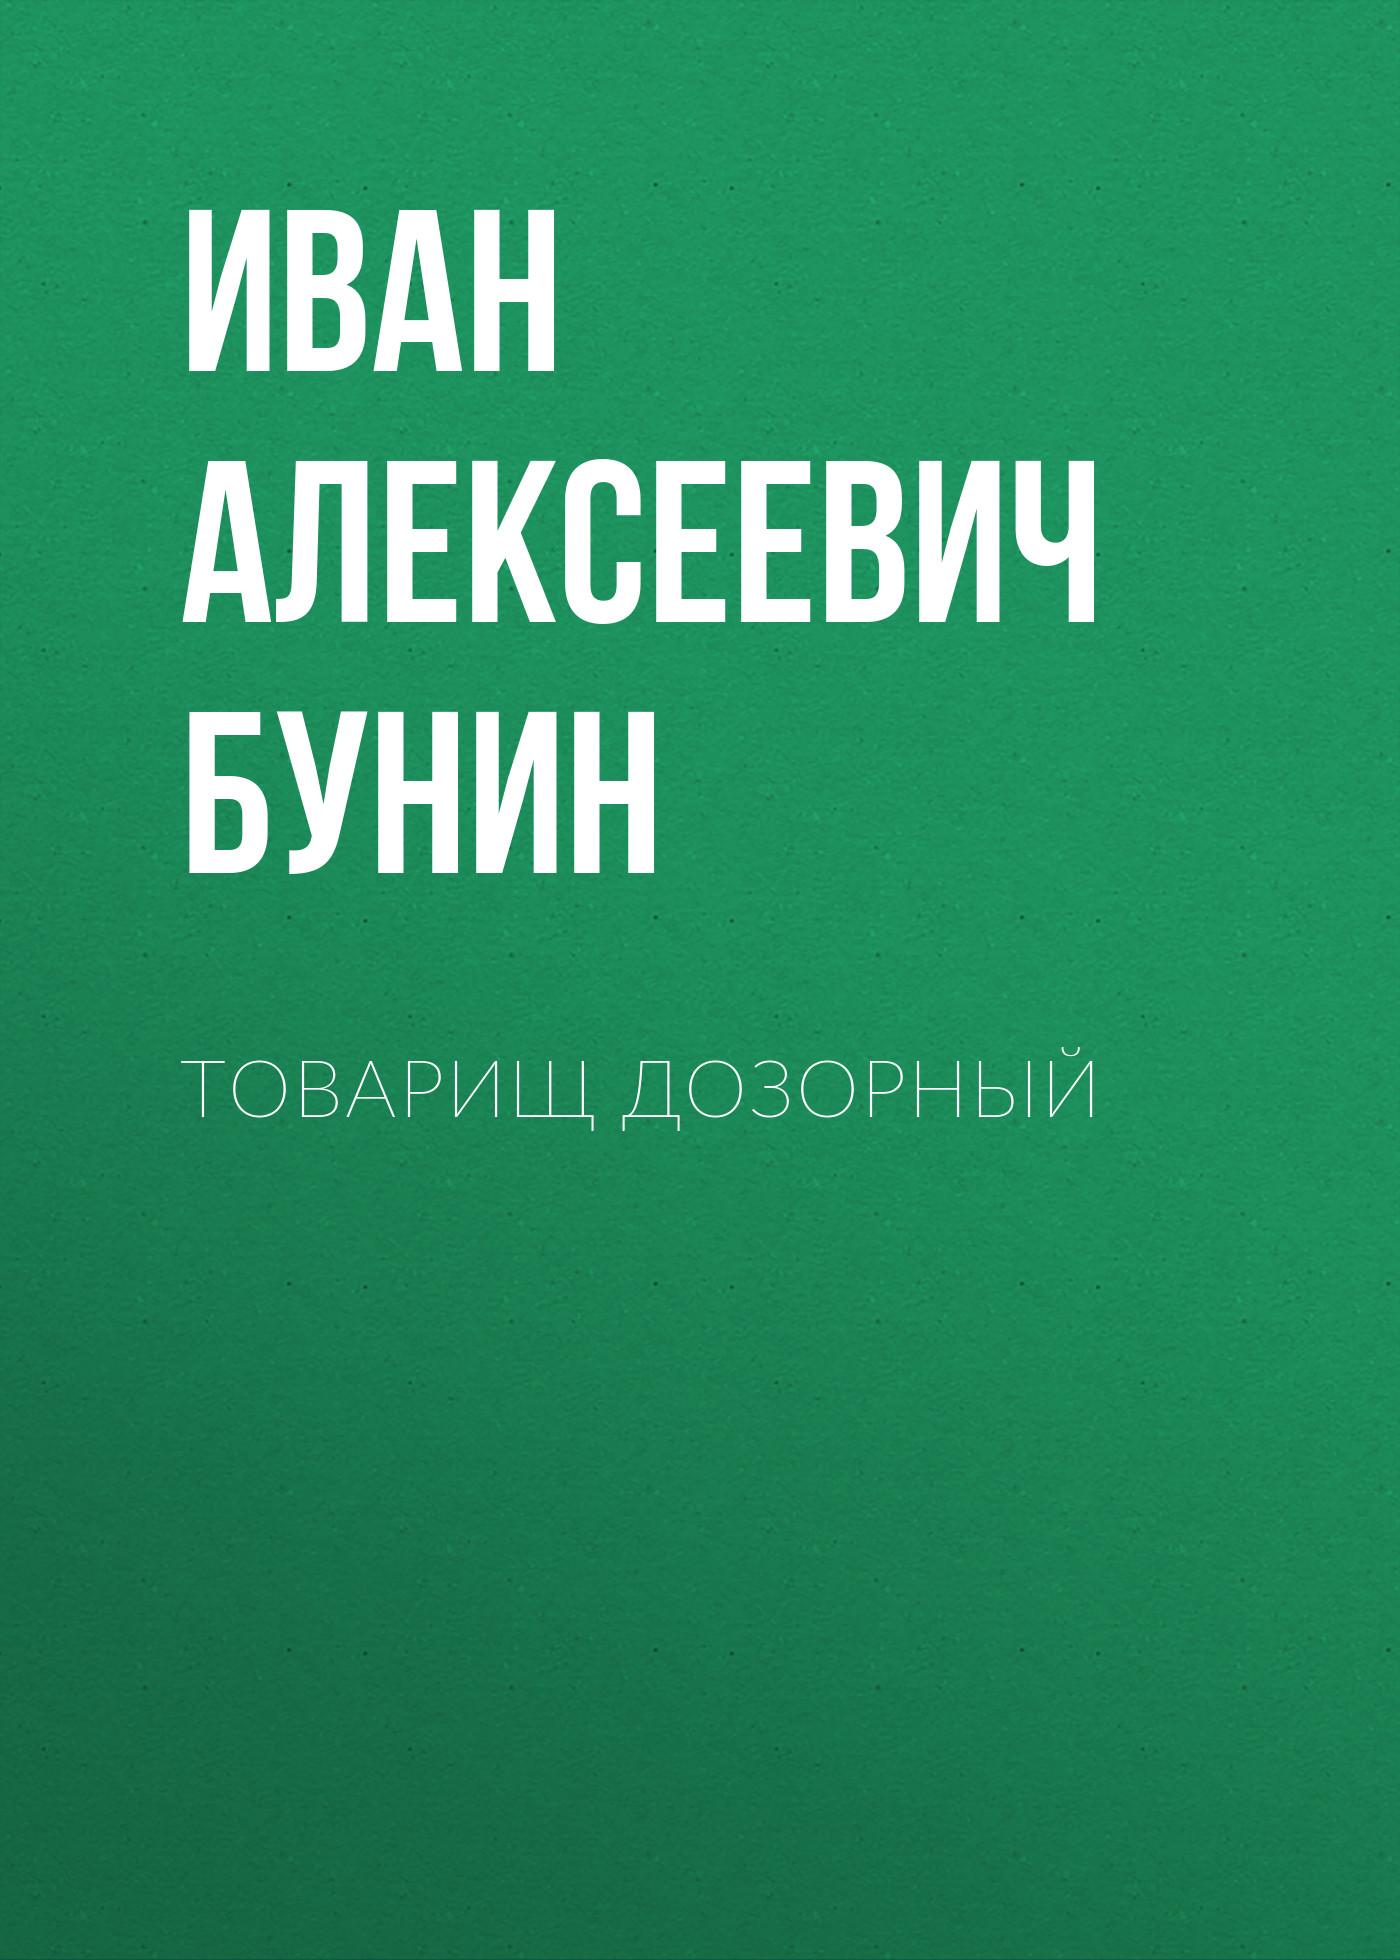 tovarishch dozornyy